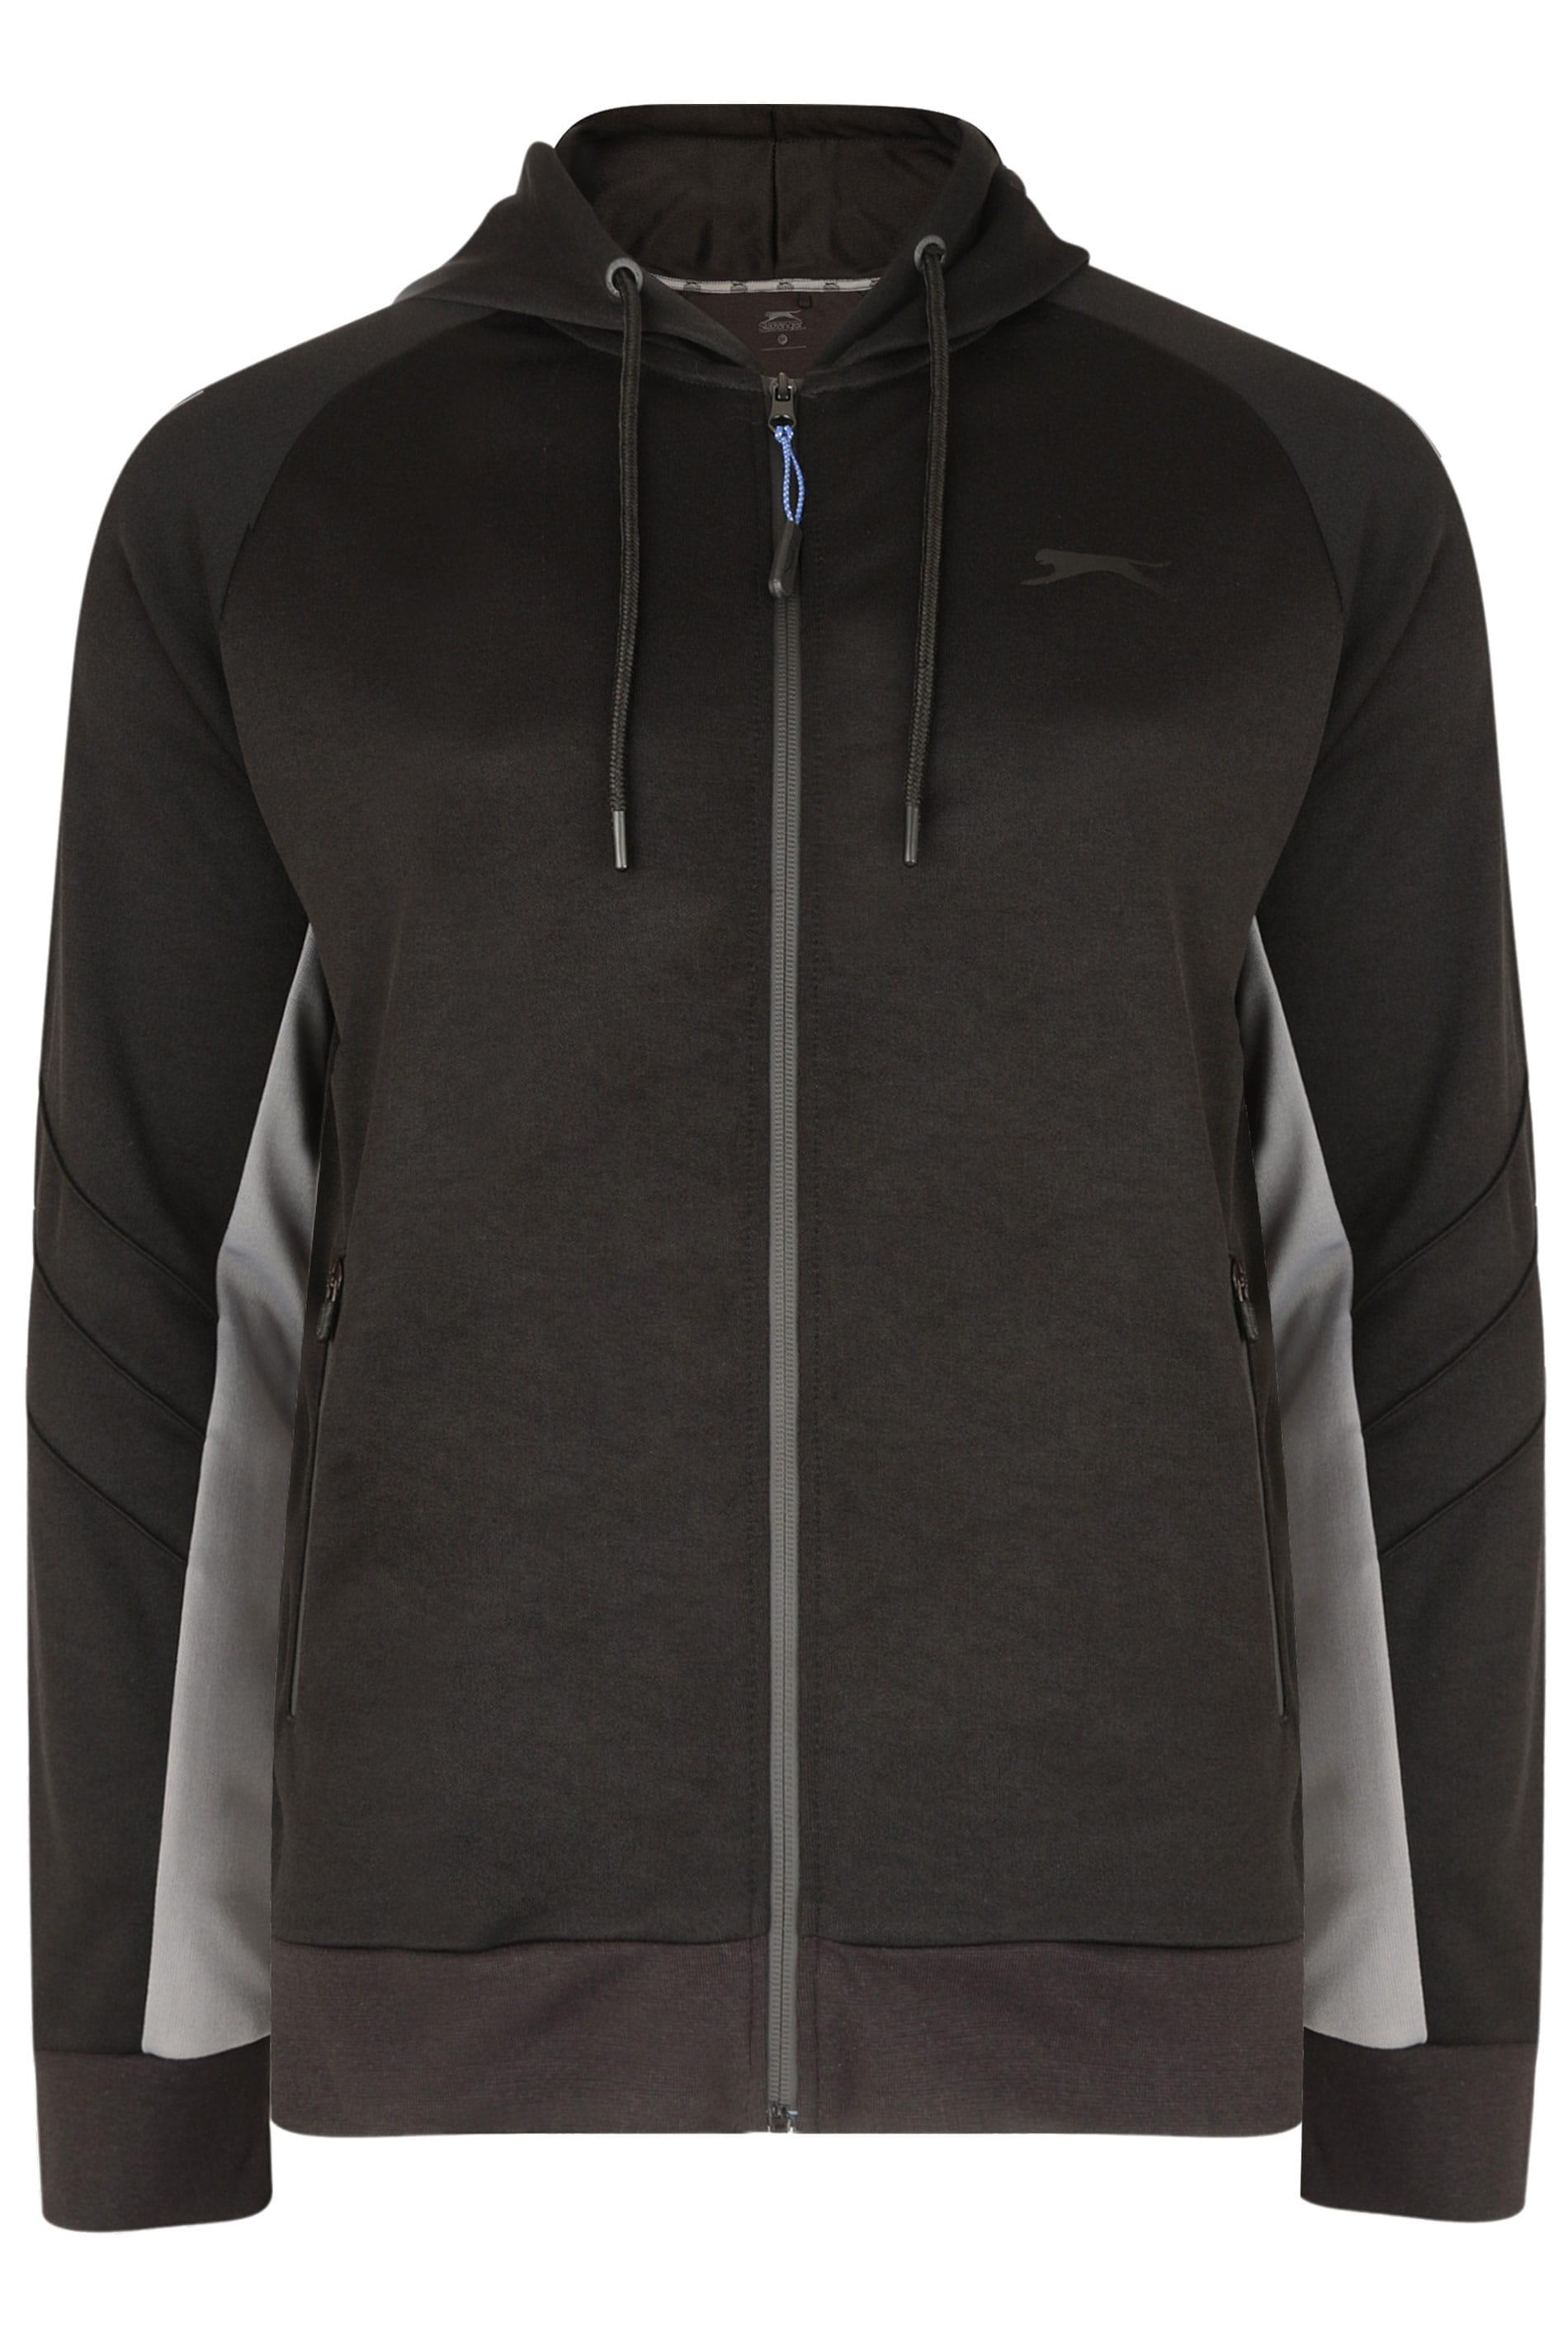 SLAZENGER Black & Grey Zip Through Hoodie